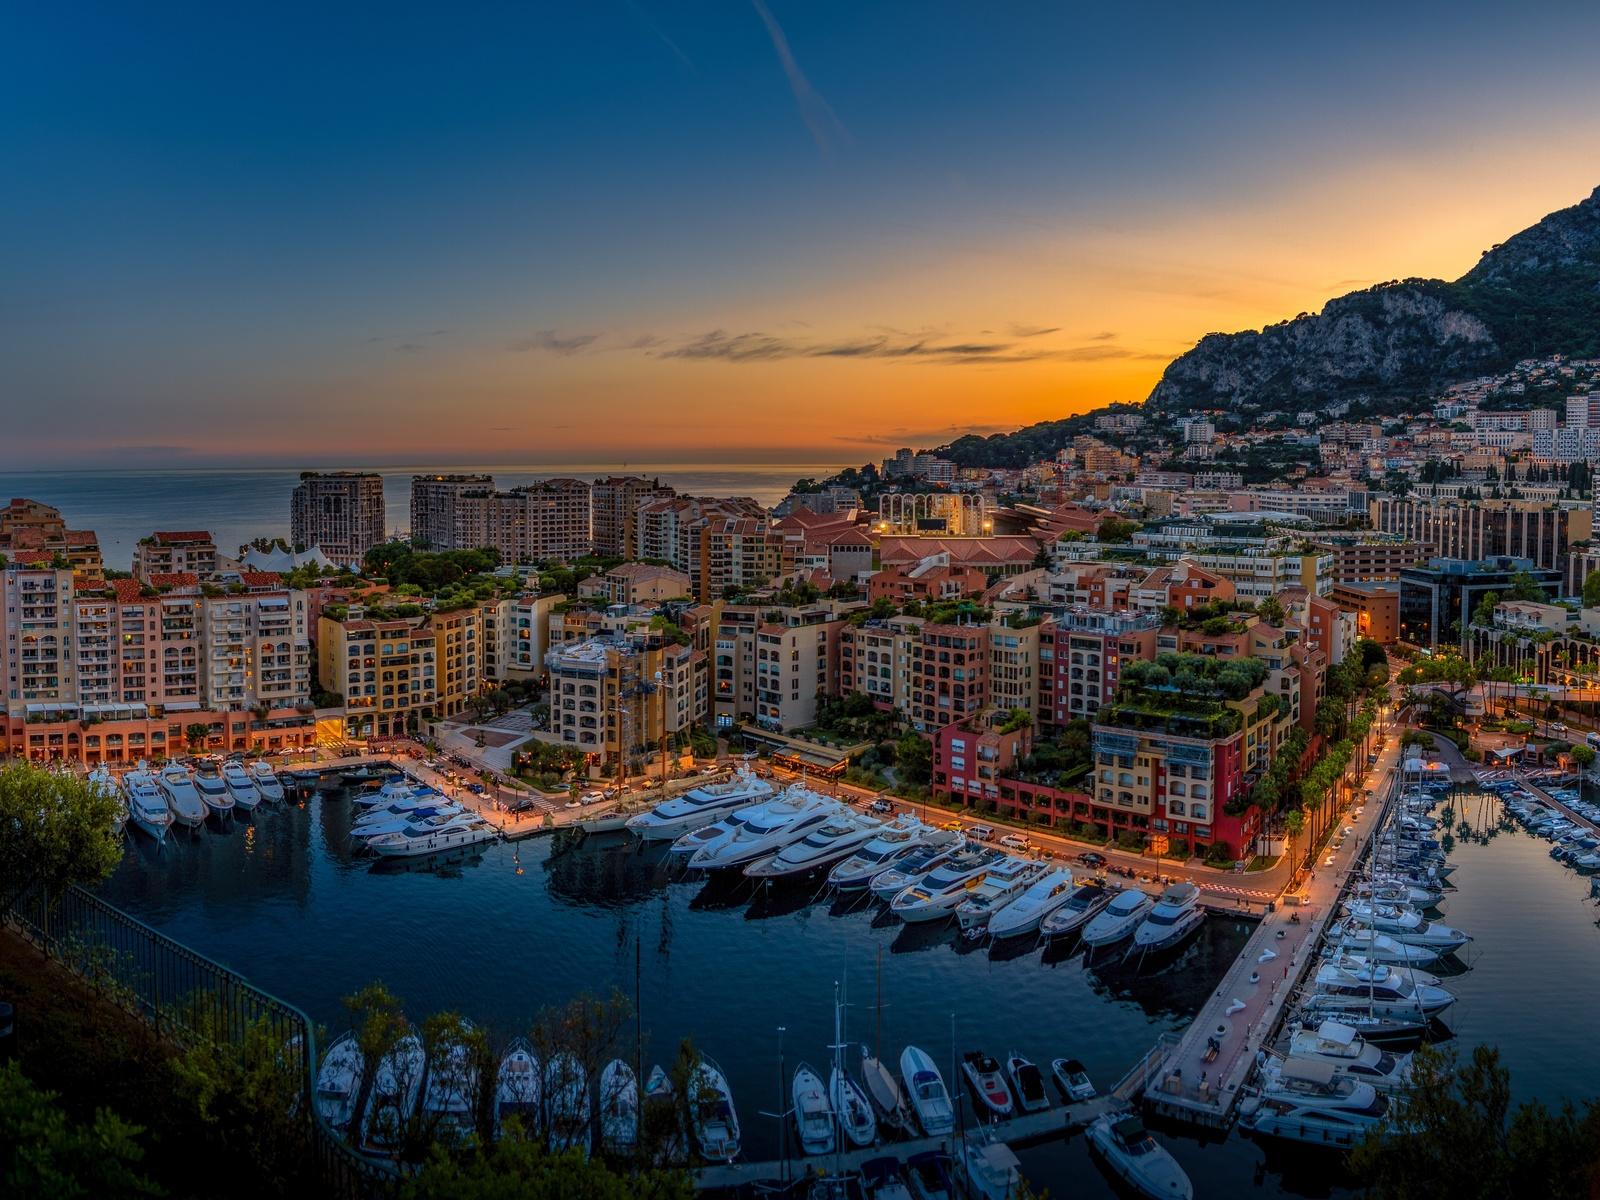 вечер, дома, Яхта, монако, fontvieille, город